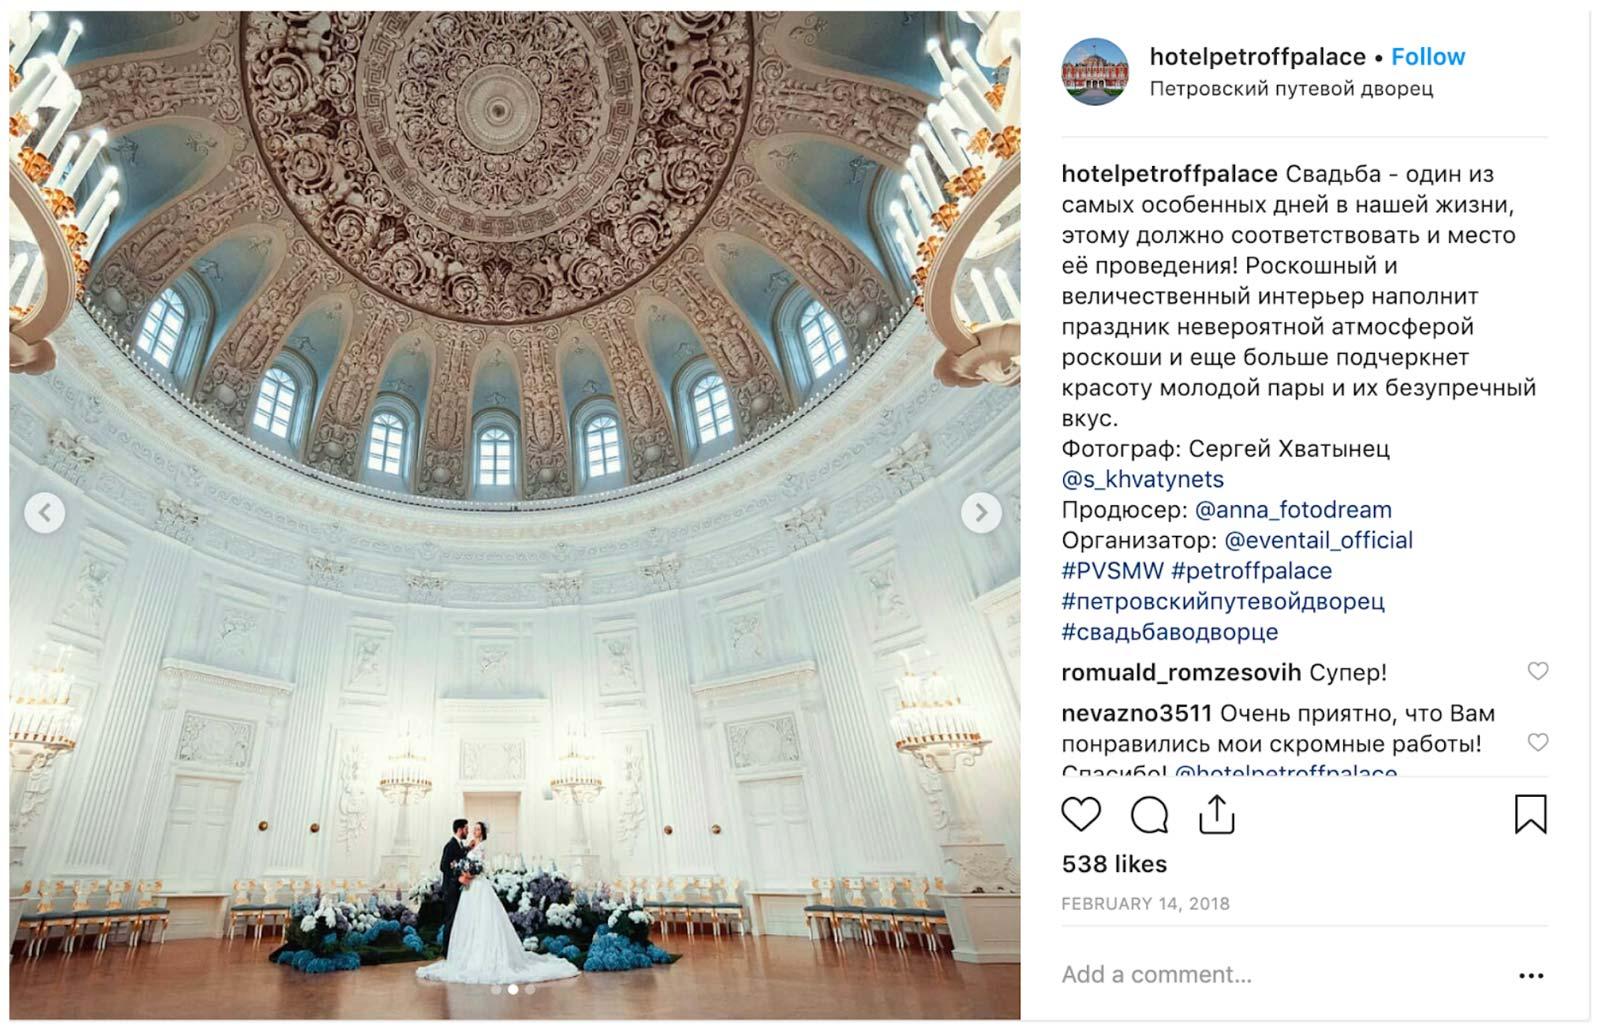 Petroff Palace, Prestigious Venues Social Media Week, 7